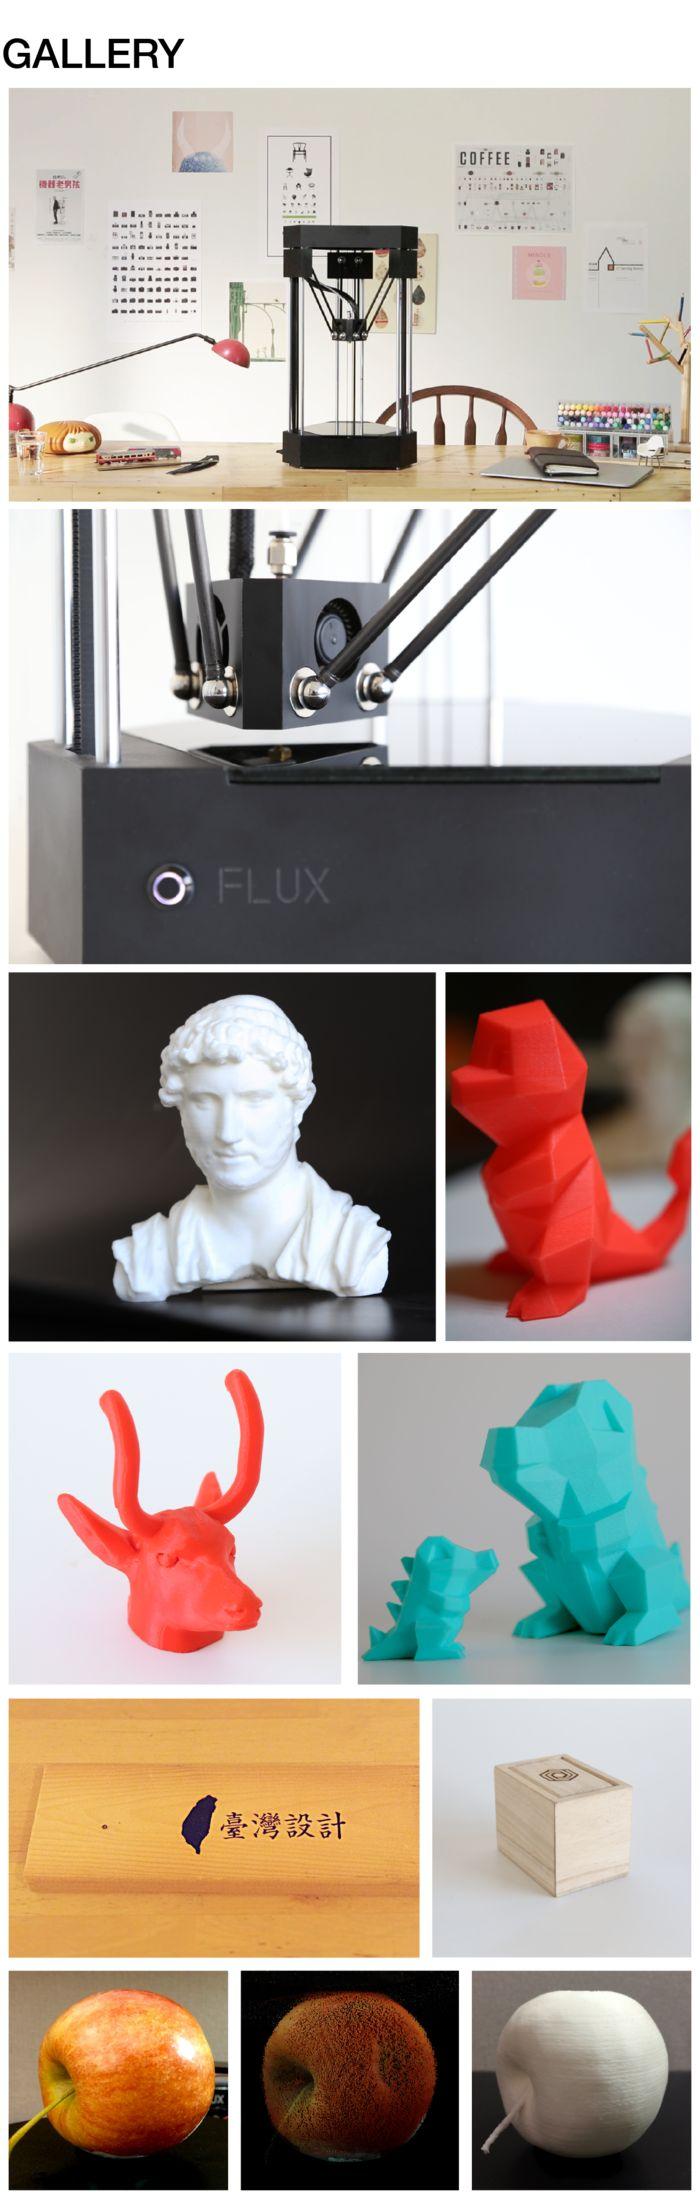 FLUX All-in-One 3D Printer - 3D Printer, 3D Scanner and Laser Engraver